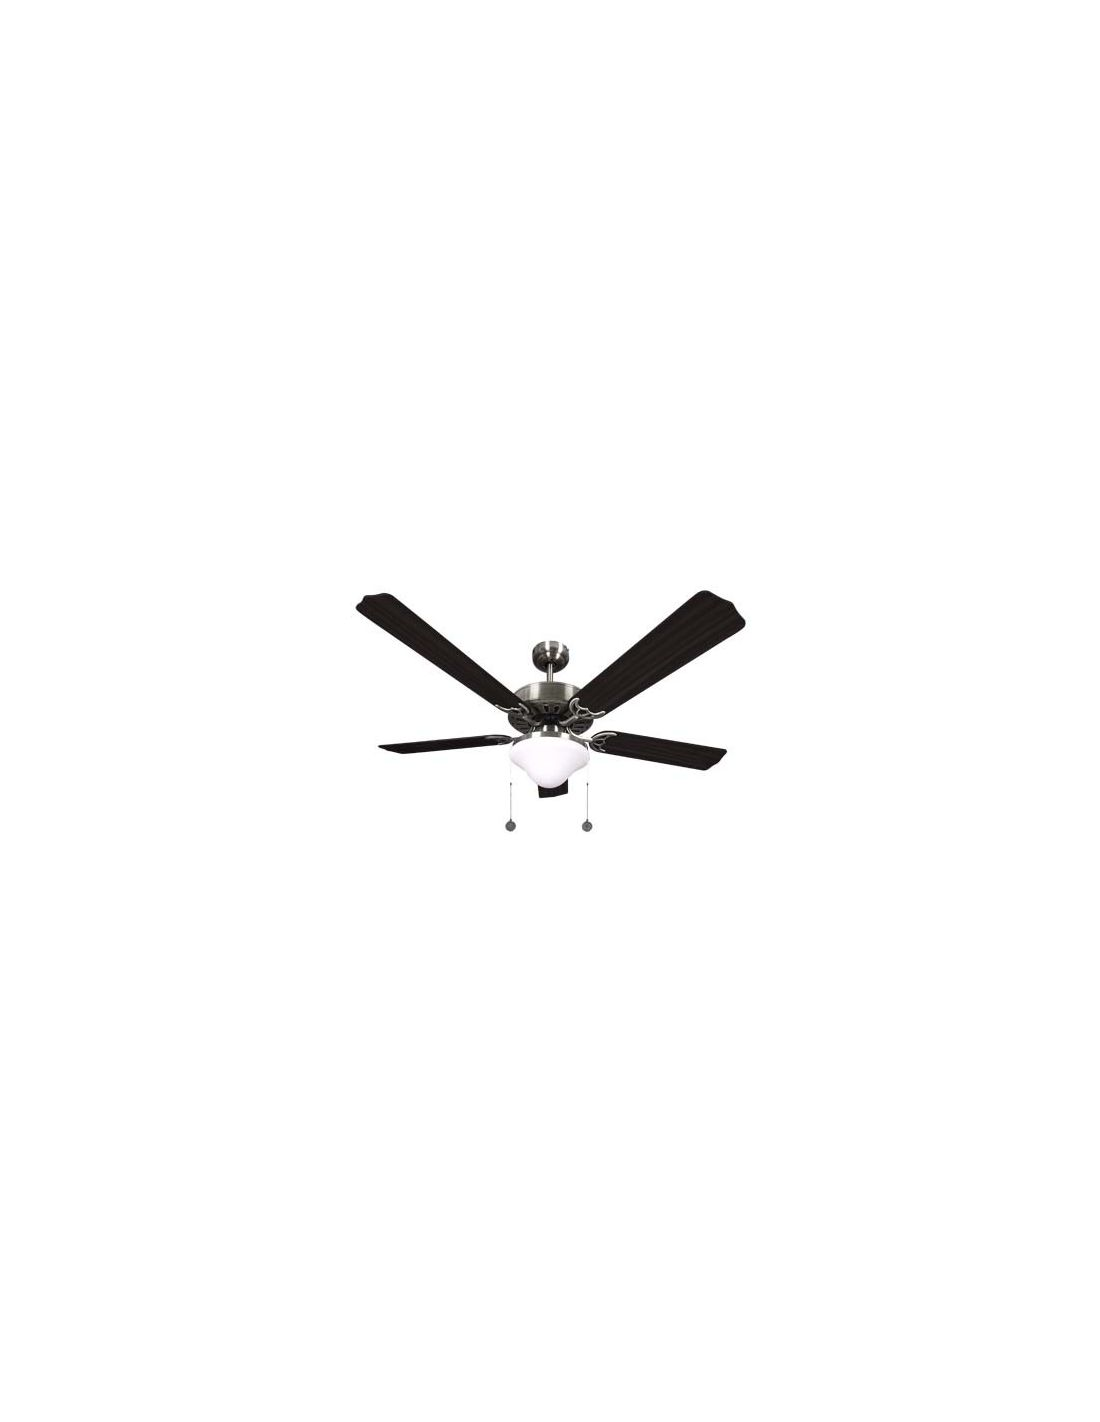 Ventiladores ventiladores on line ventiladores online comprar ventiladores tienda - Luz de techo ...